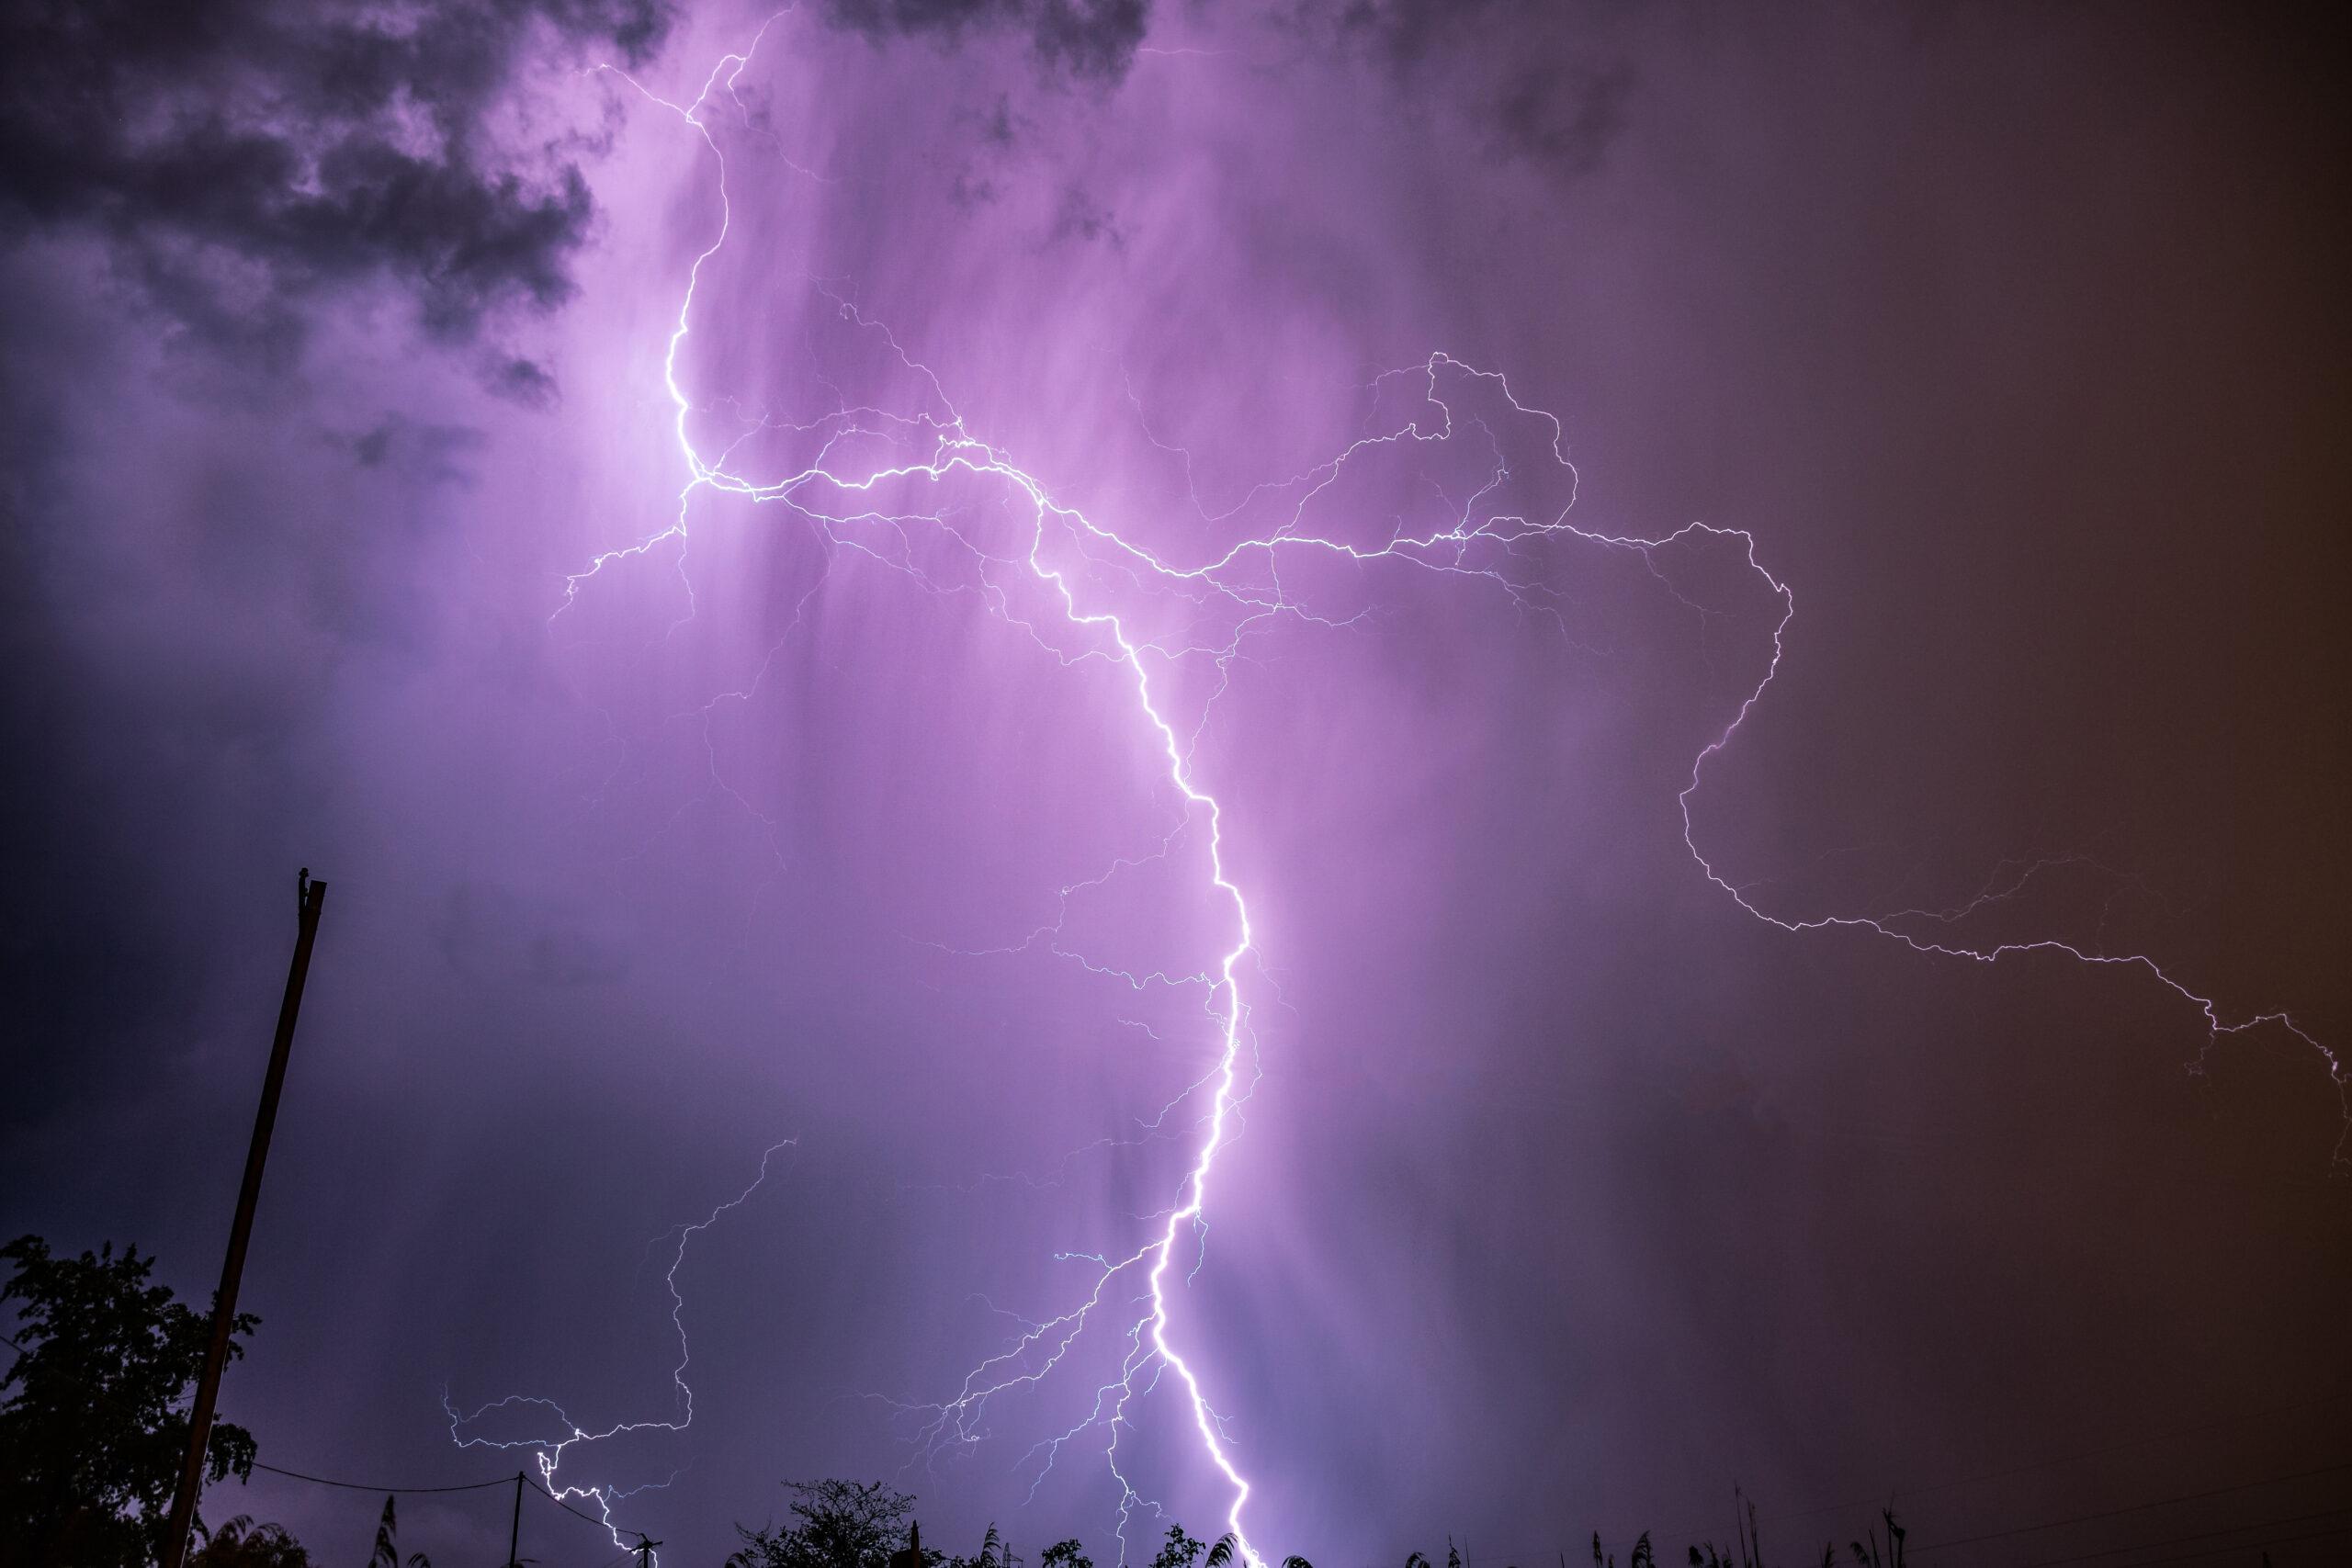 Hatalmas viharok csapnak le éjszaka: nagy jég, felhőszakadás, szélvihar! 4